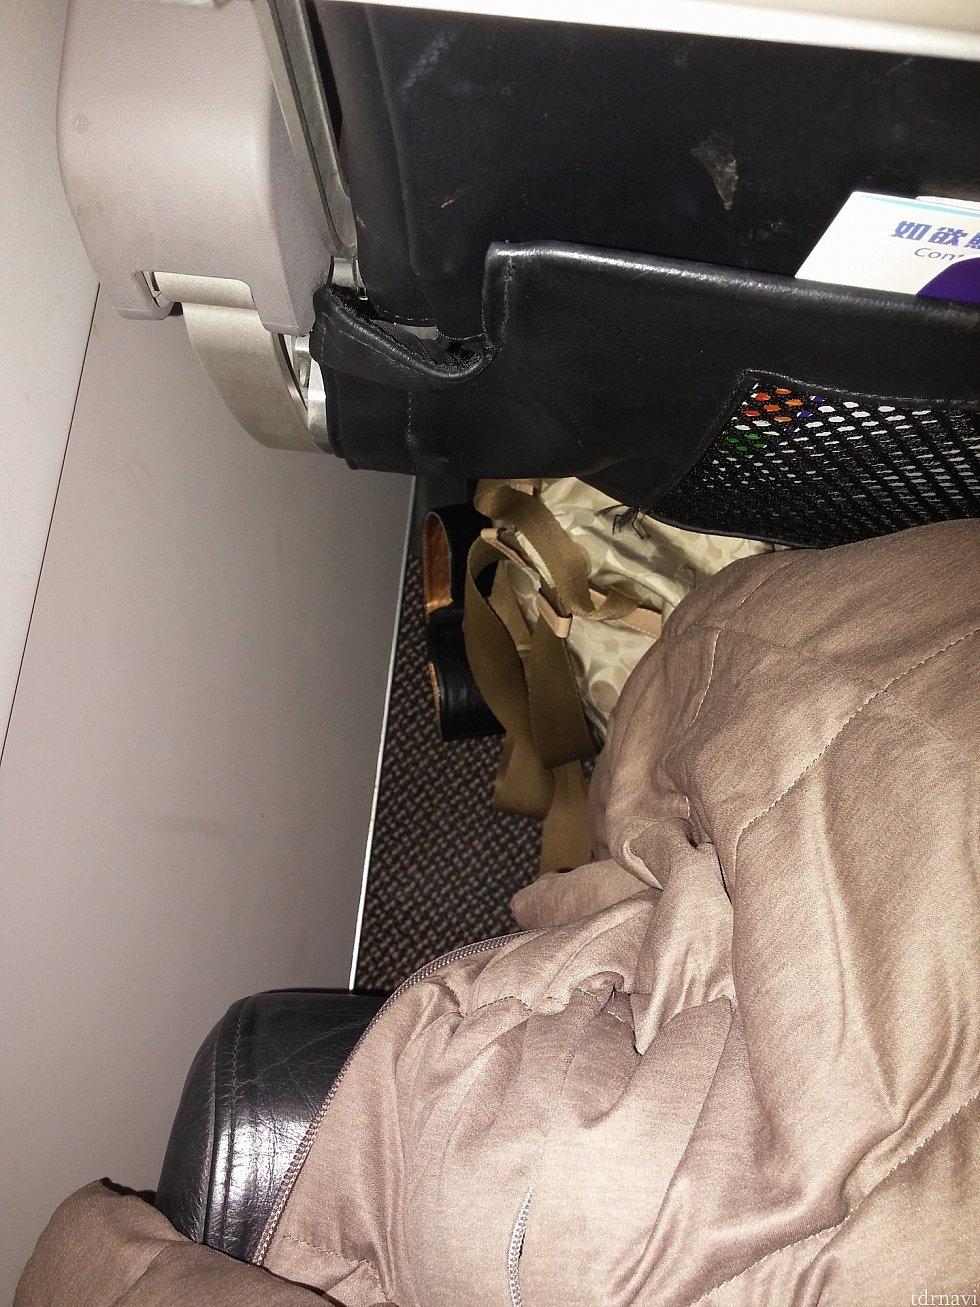 【香港エクスプレス】またまた鞄が見苦しいですが、コート膝に掛けるとあまり余裕なし。